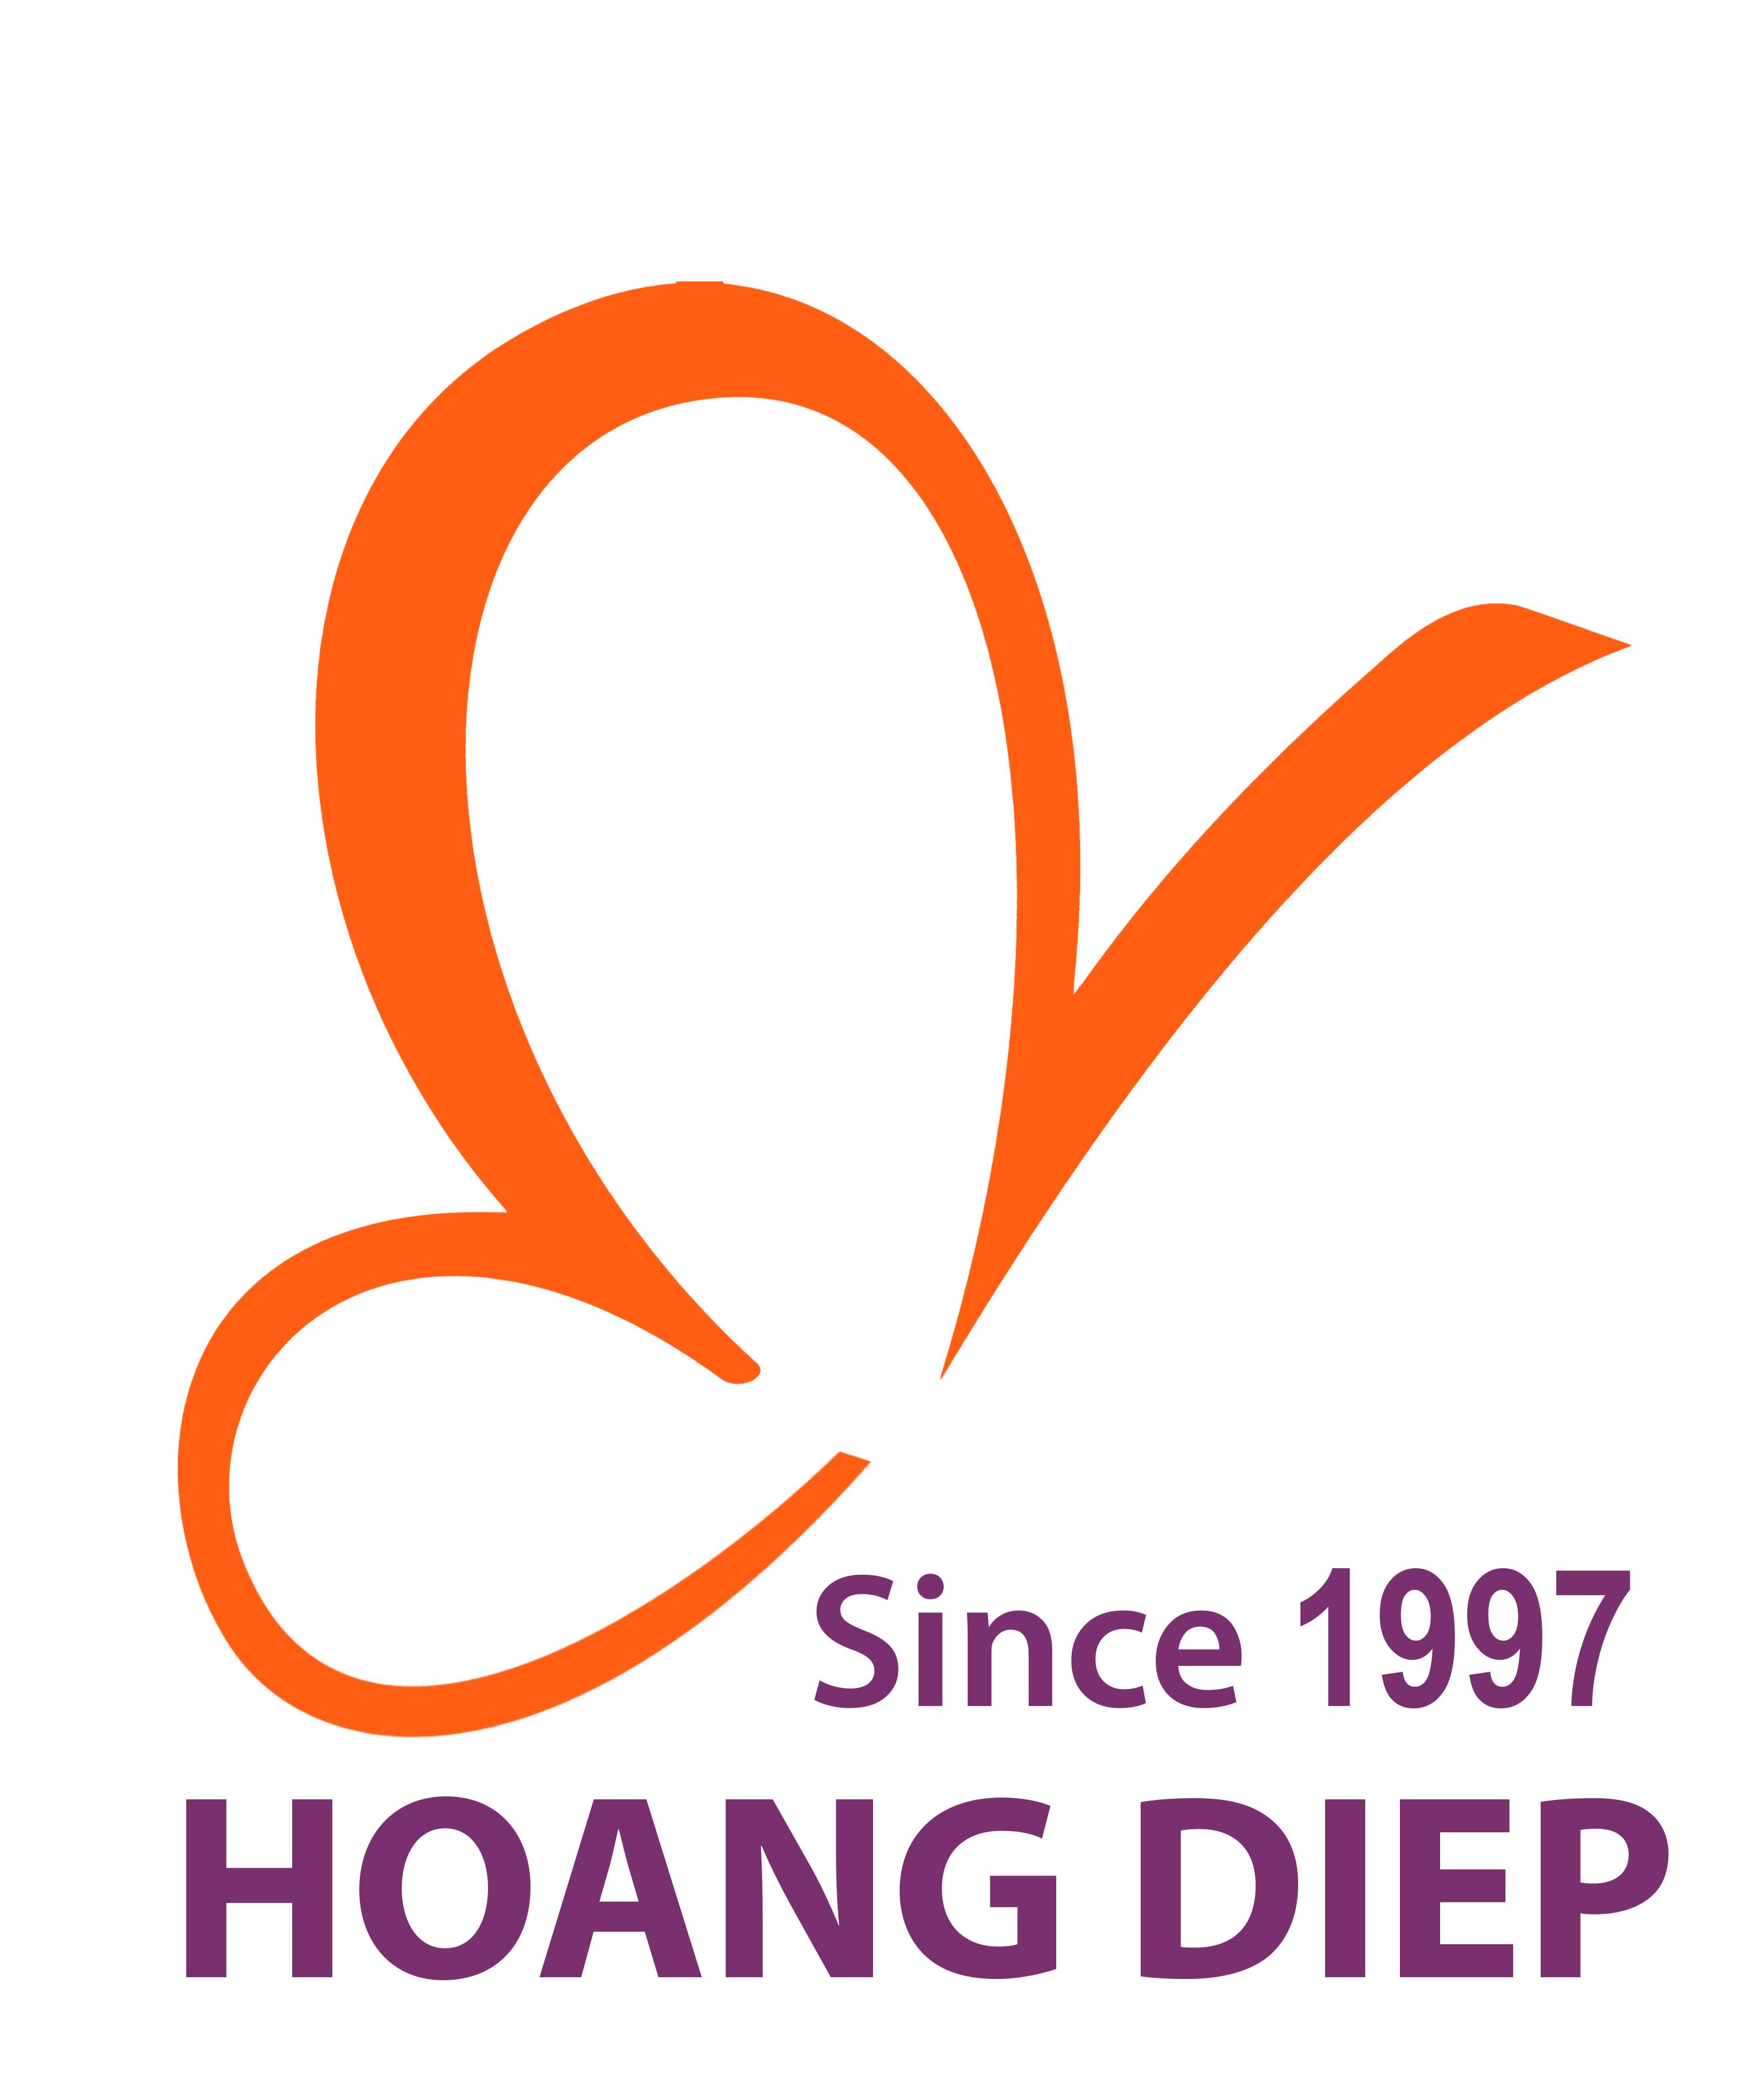 HOANG DIEP